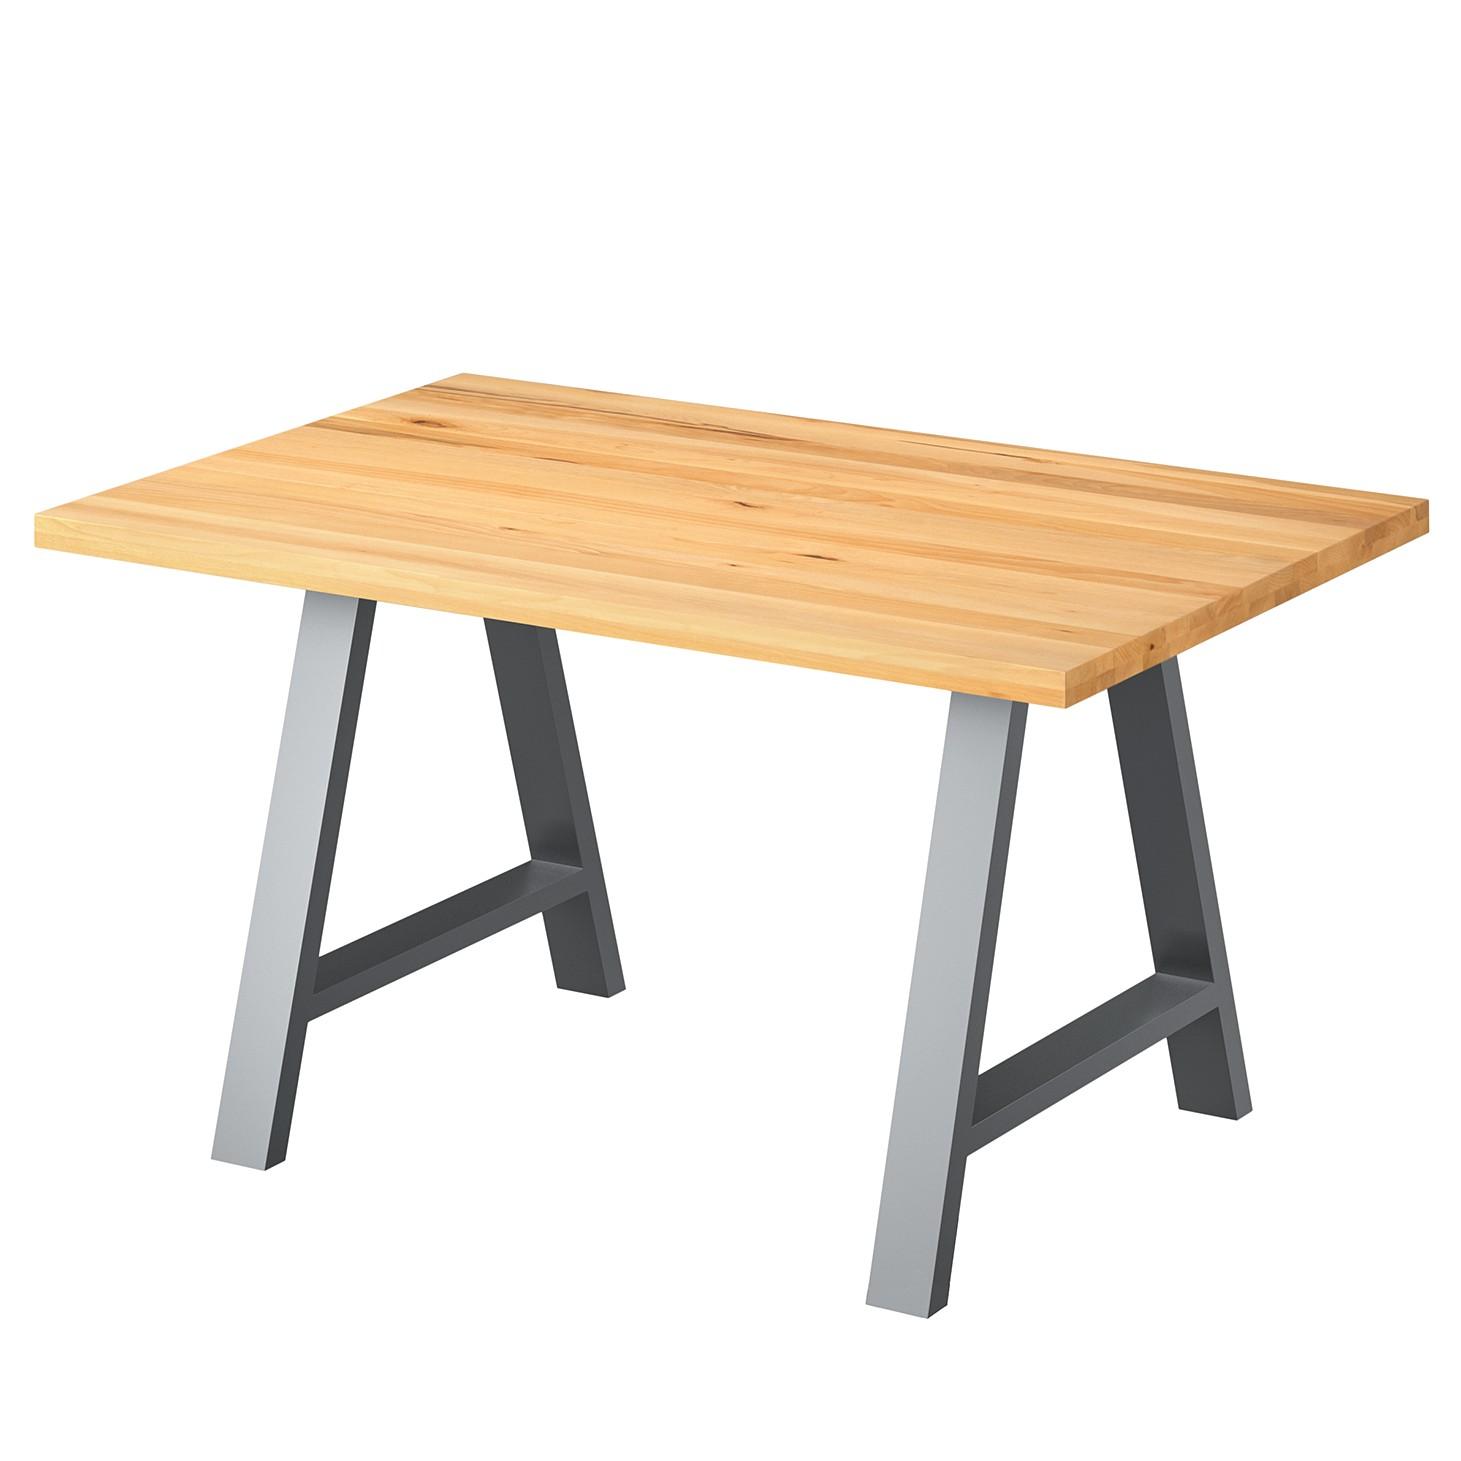 home24 Esstisch Woodha A   Küche und Esszimmer > Esstische und Küchentische   Beige   ars manufacti